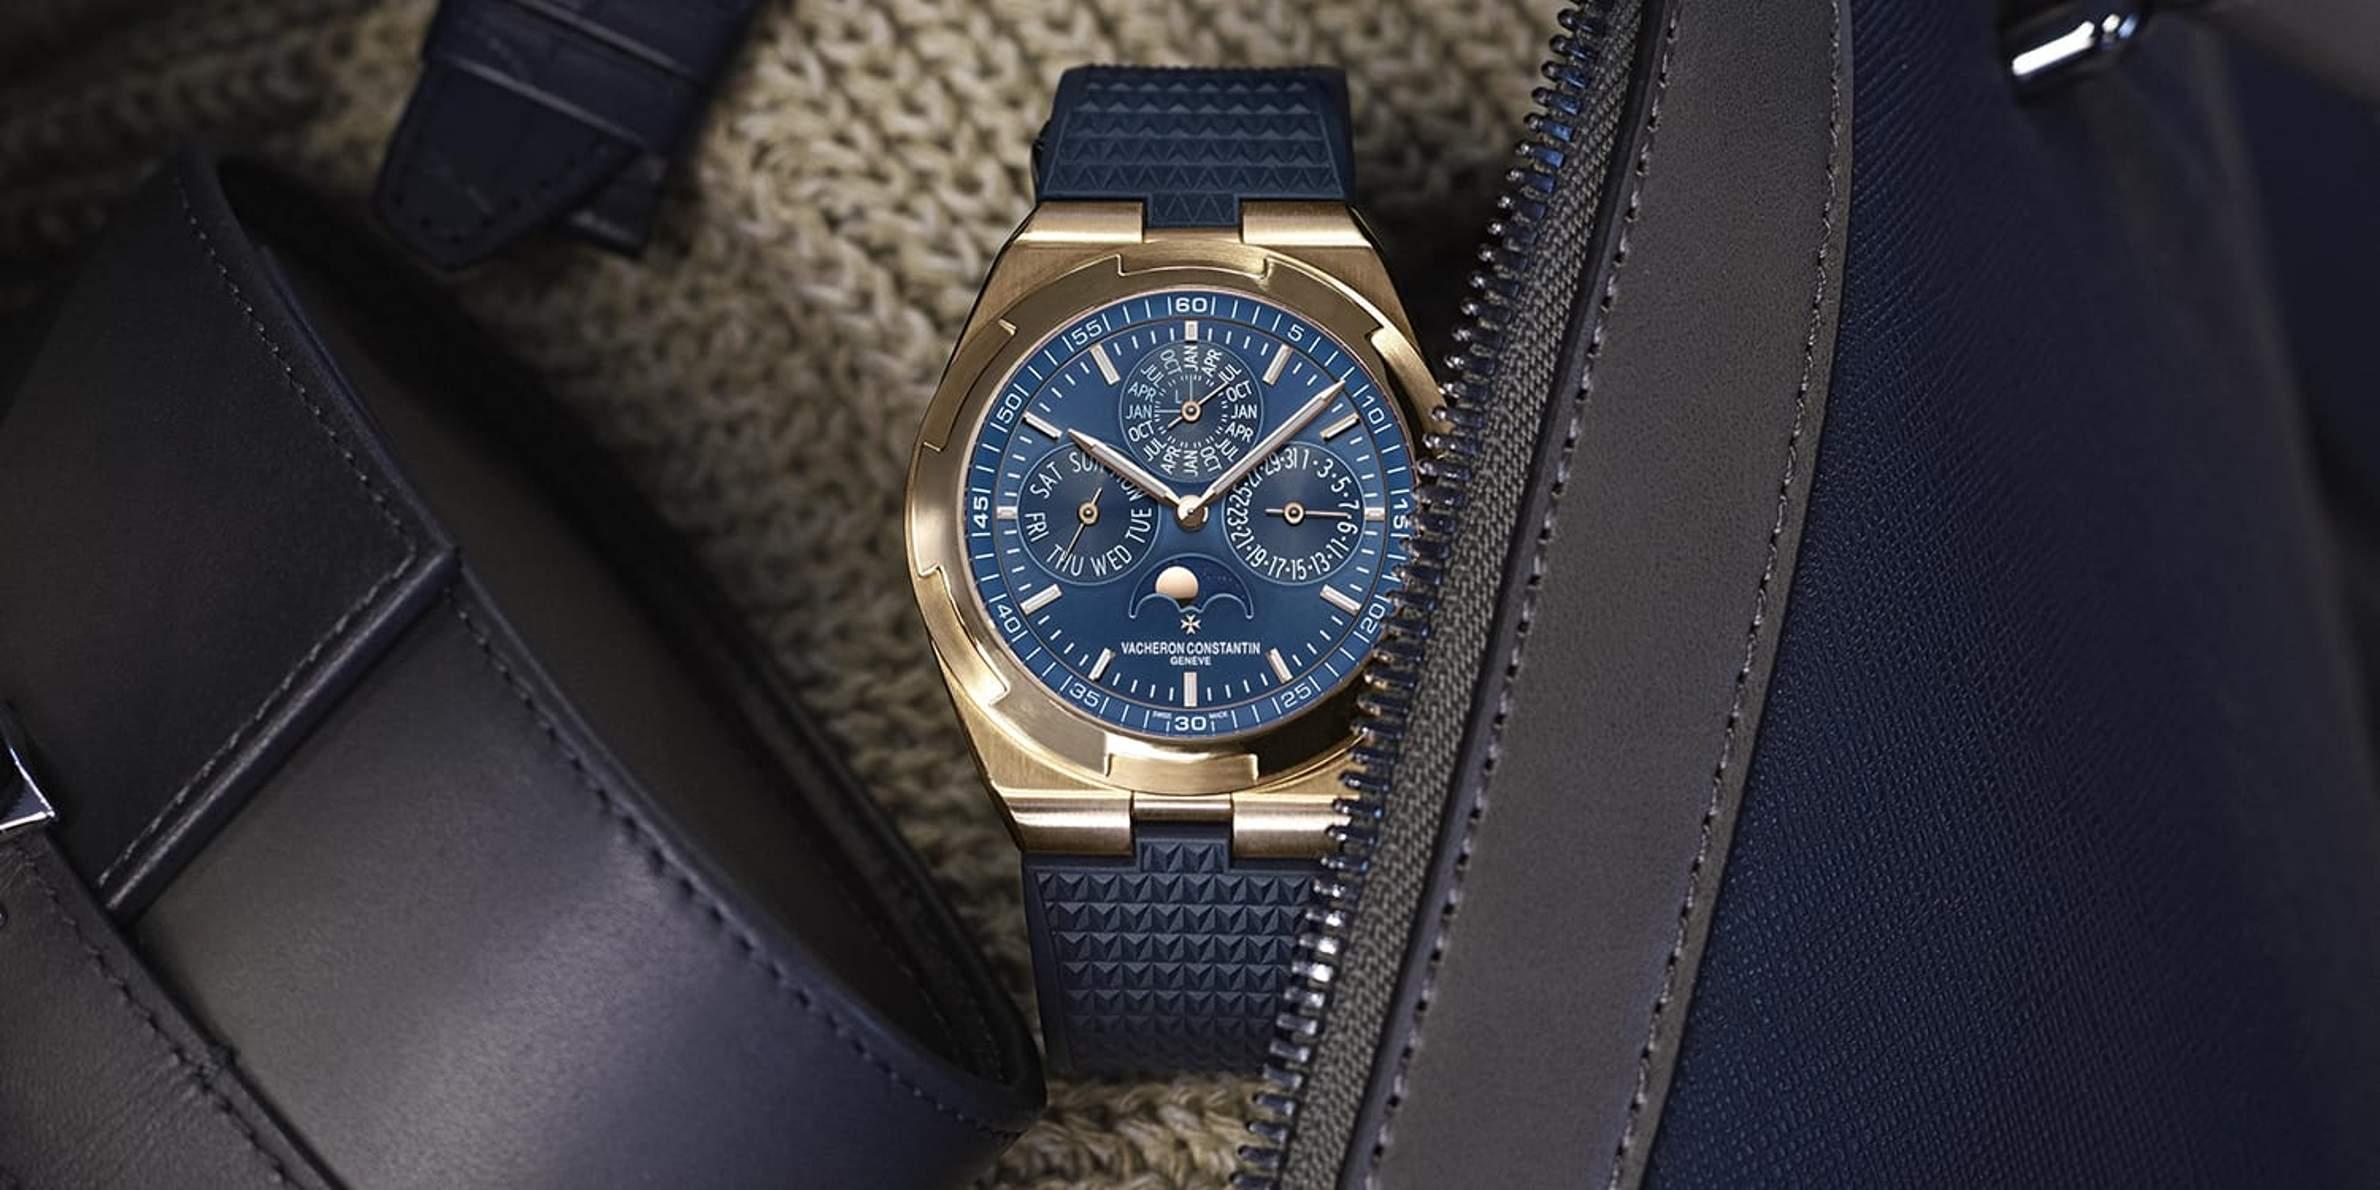 CAM-1217-Watches&Wonders-Neuheiten2020-Teil2_2-1